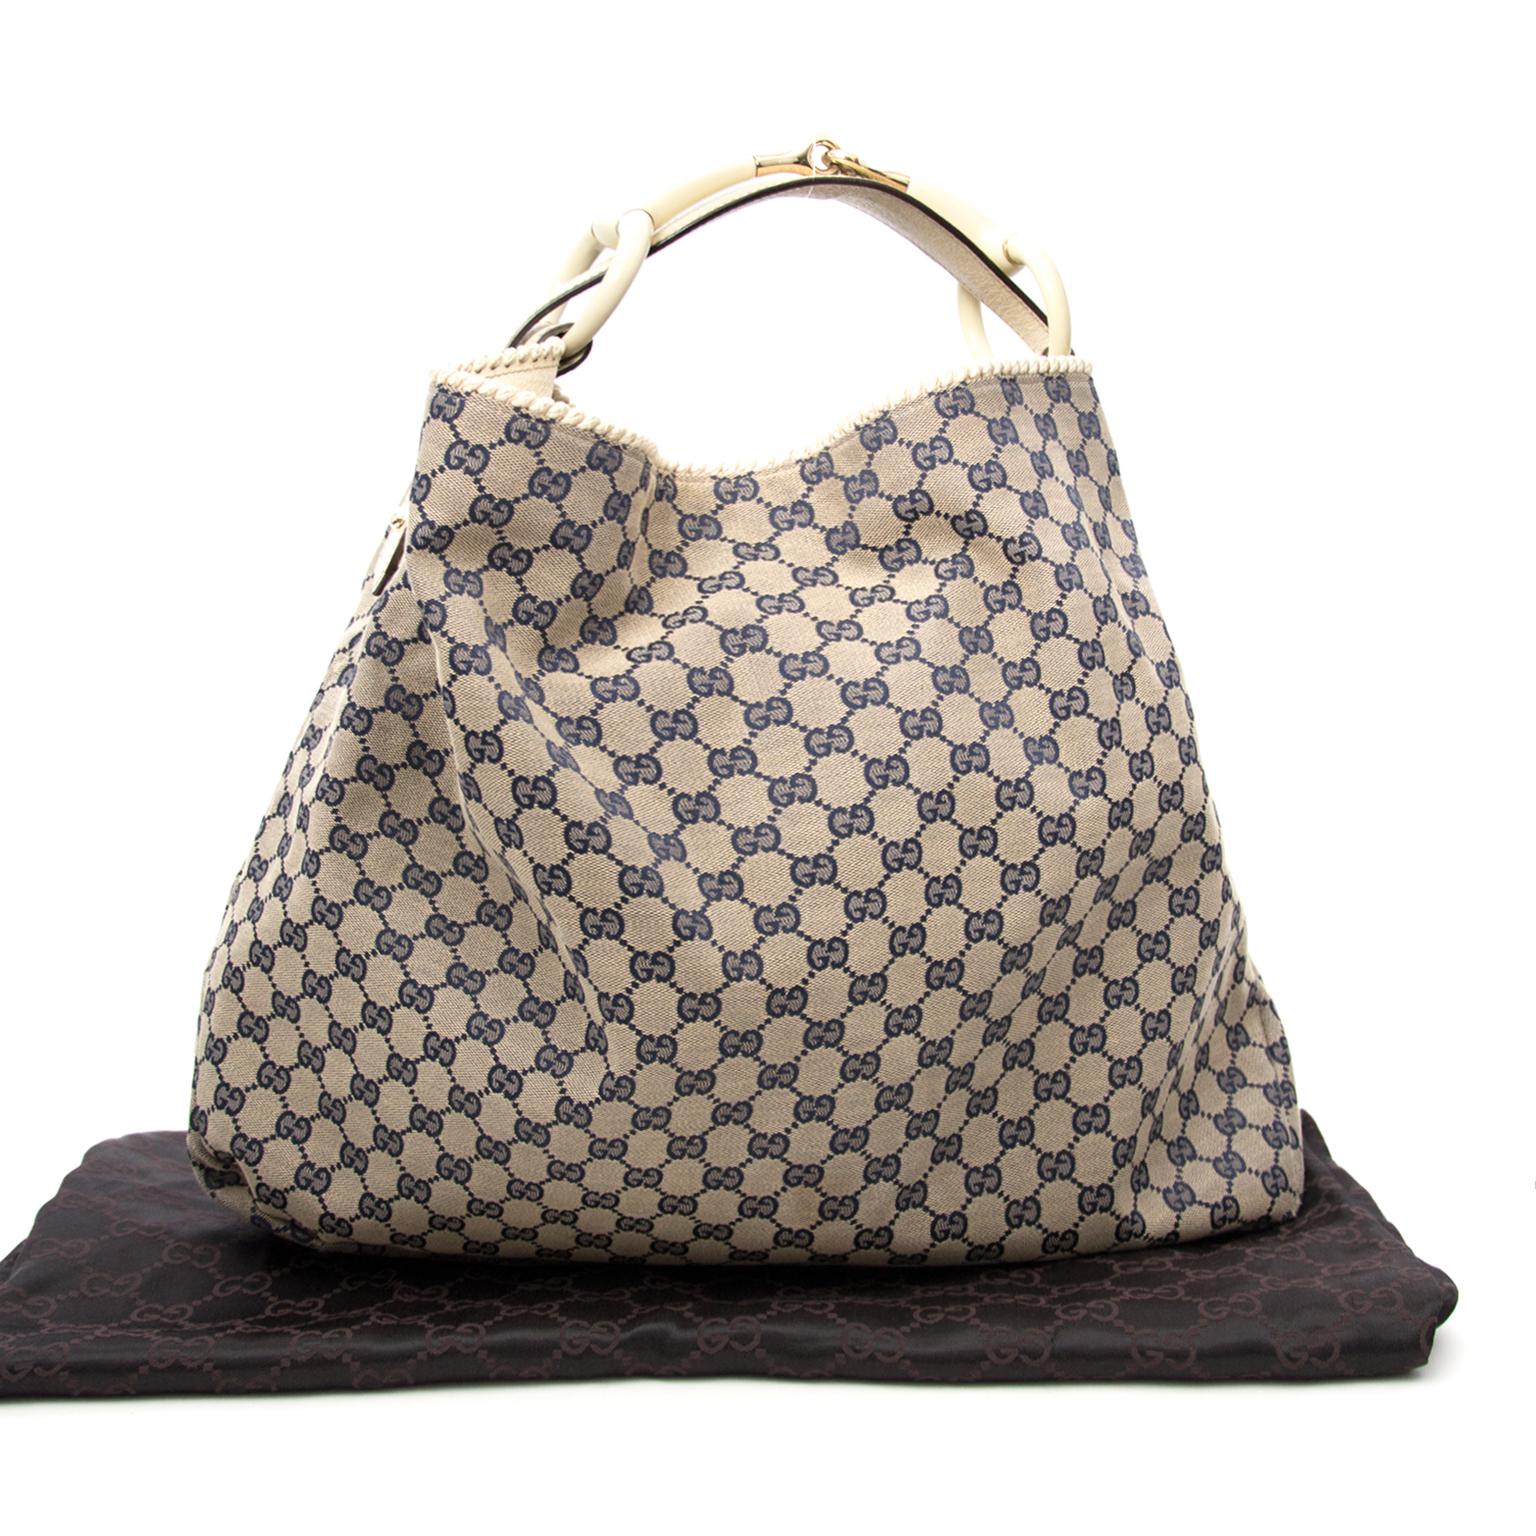 Achetez Gucci Blue Supreme Canvas Horsebit Hobo Bag en ligne chez Labellov.com